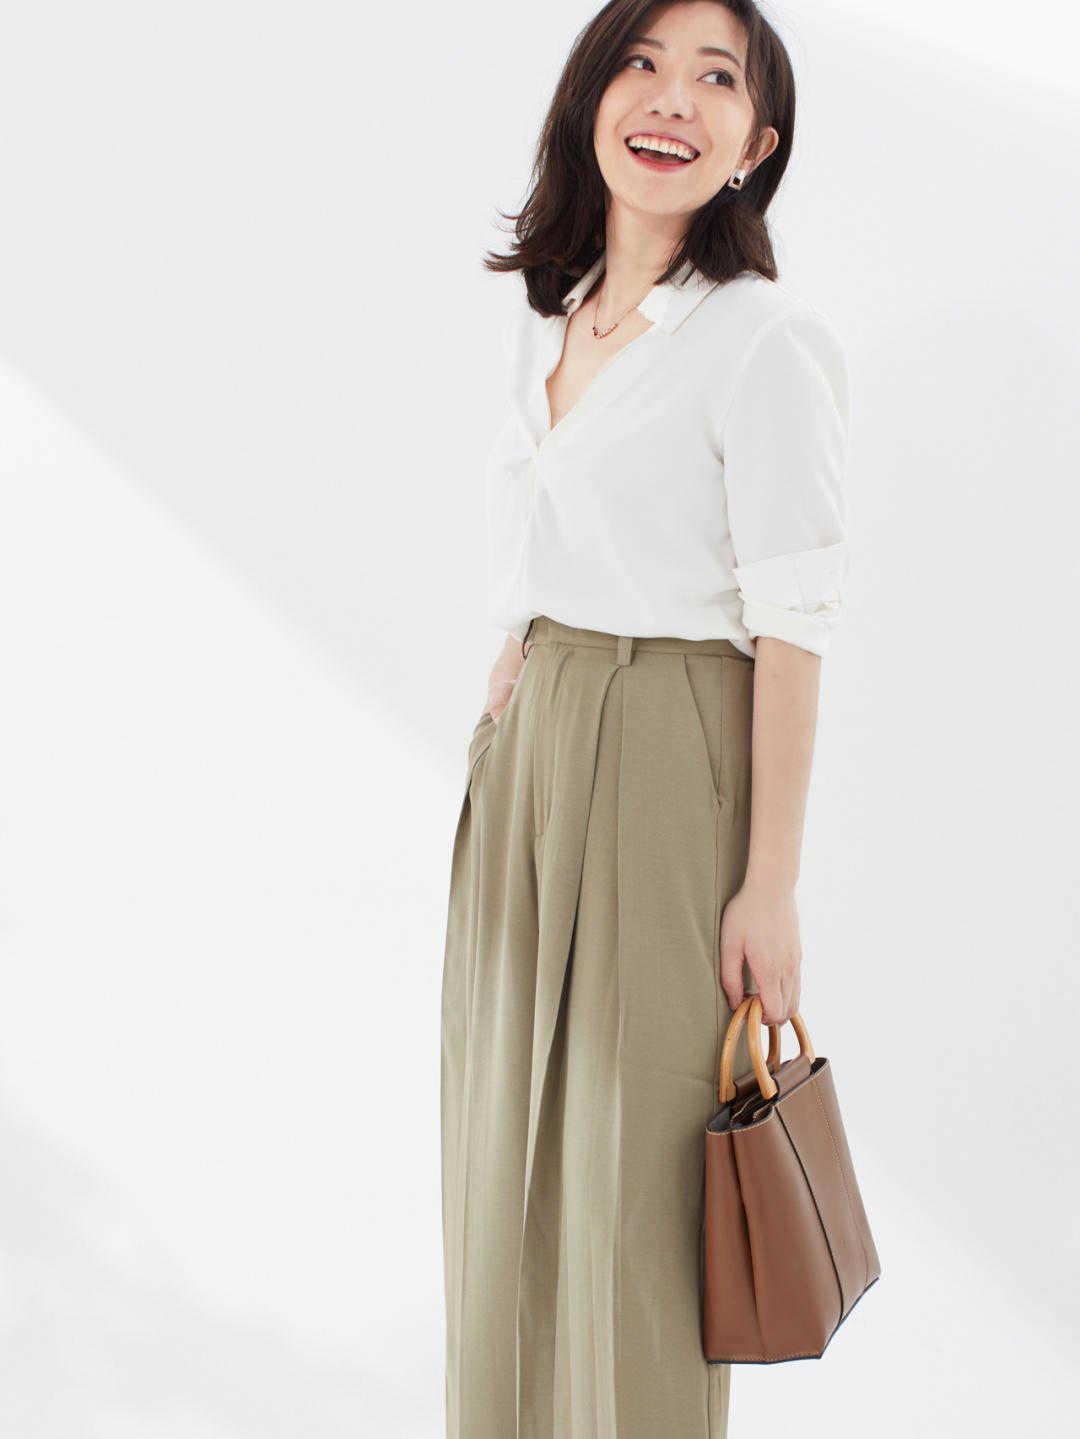 白色衬衫搭配阔腿裤简约时髦,漂亮大气